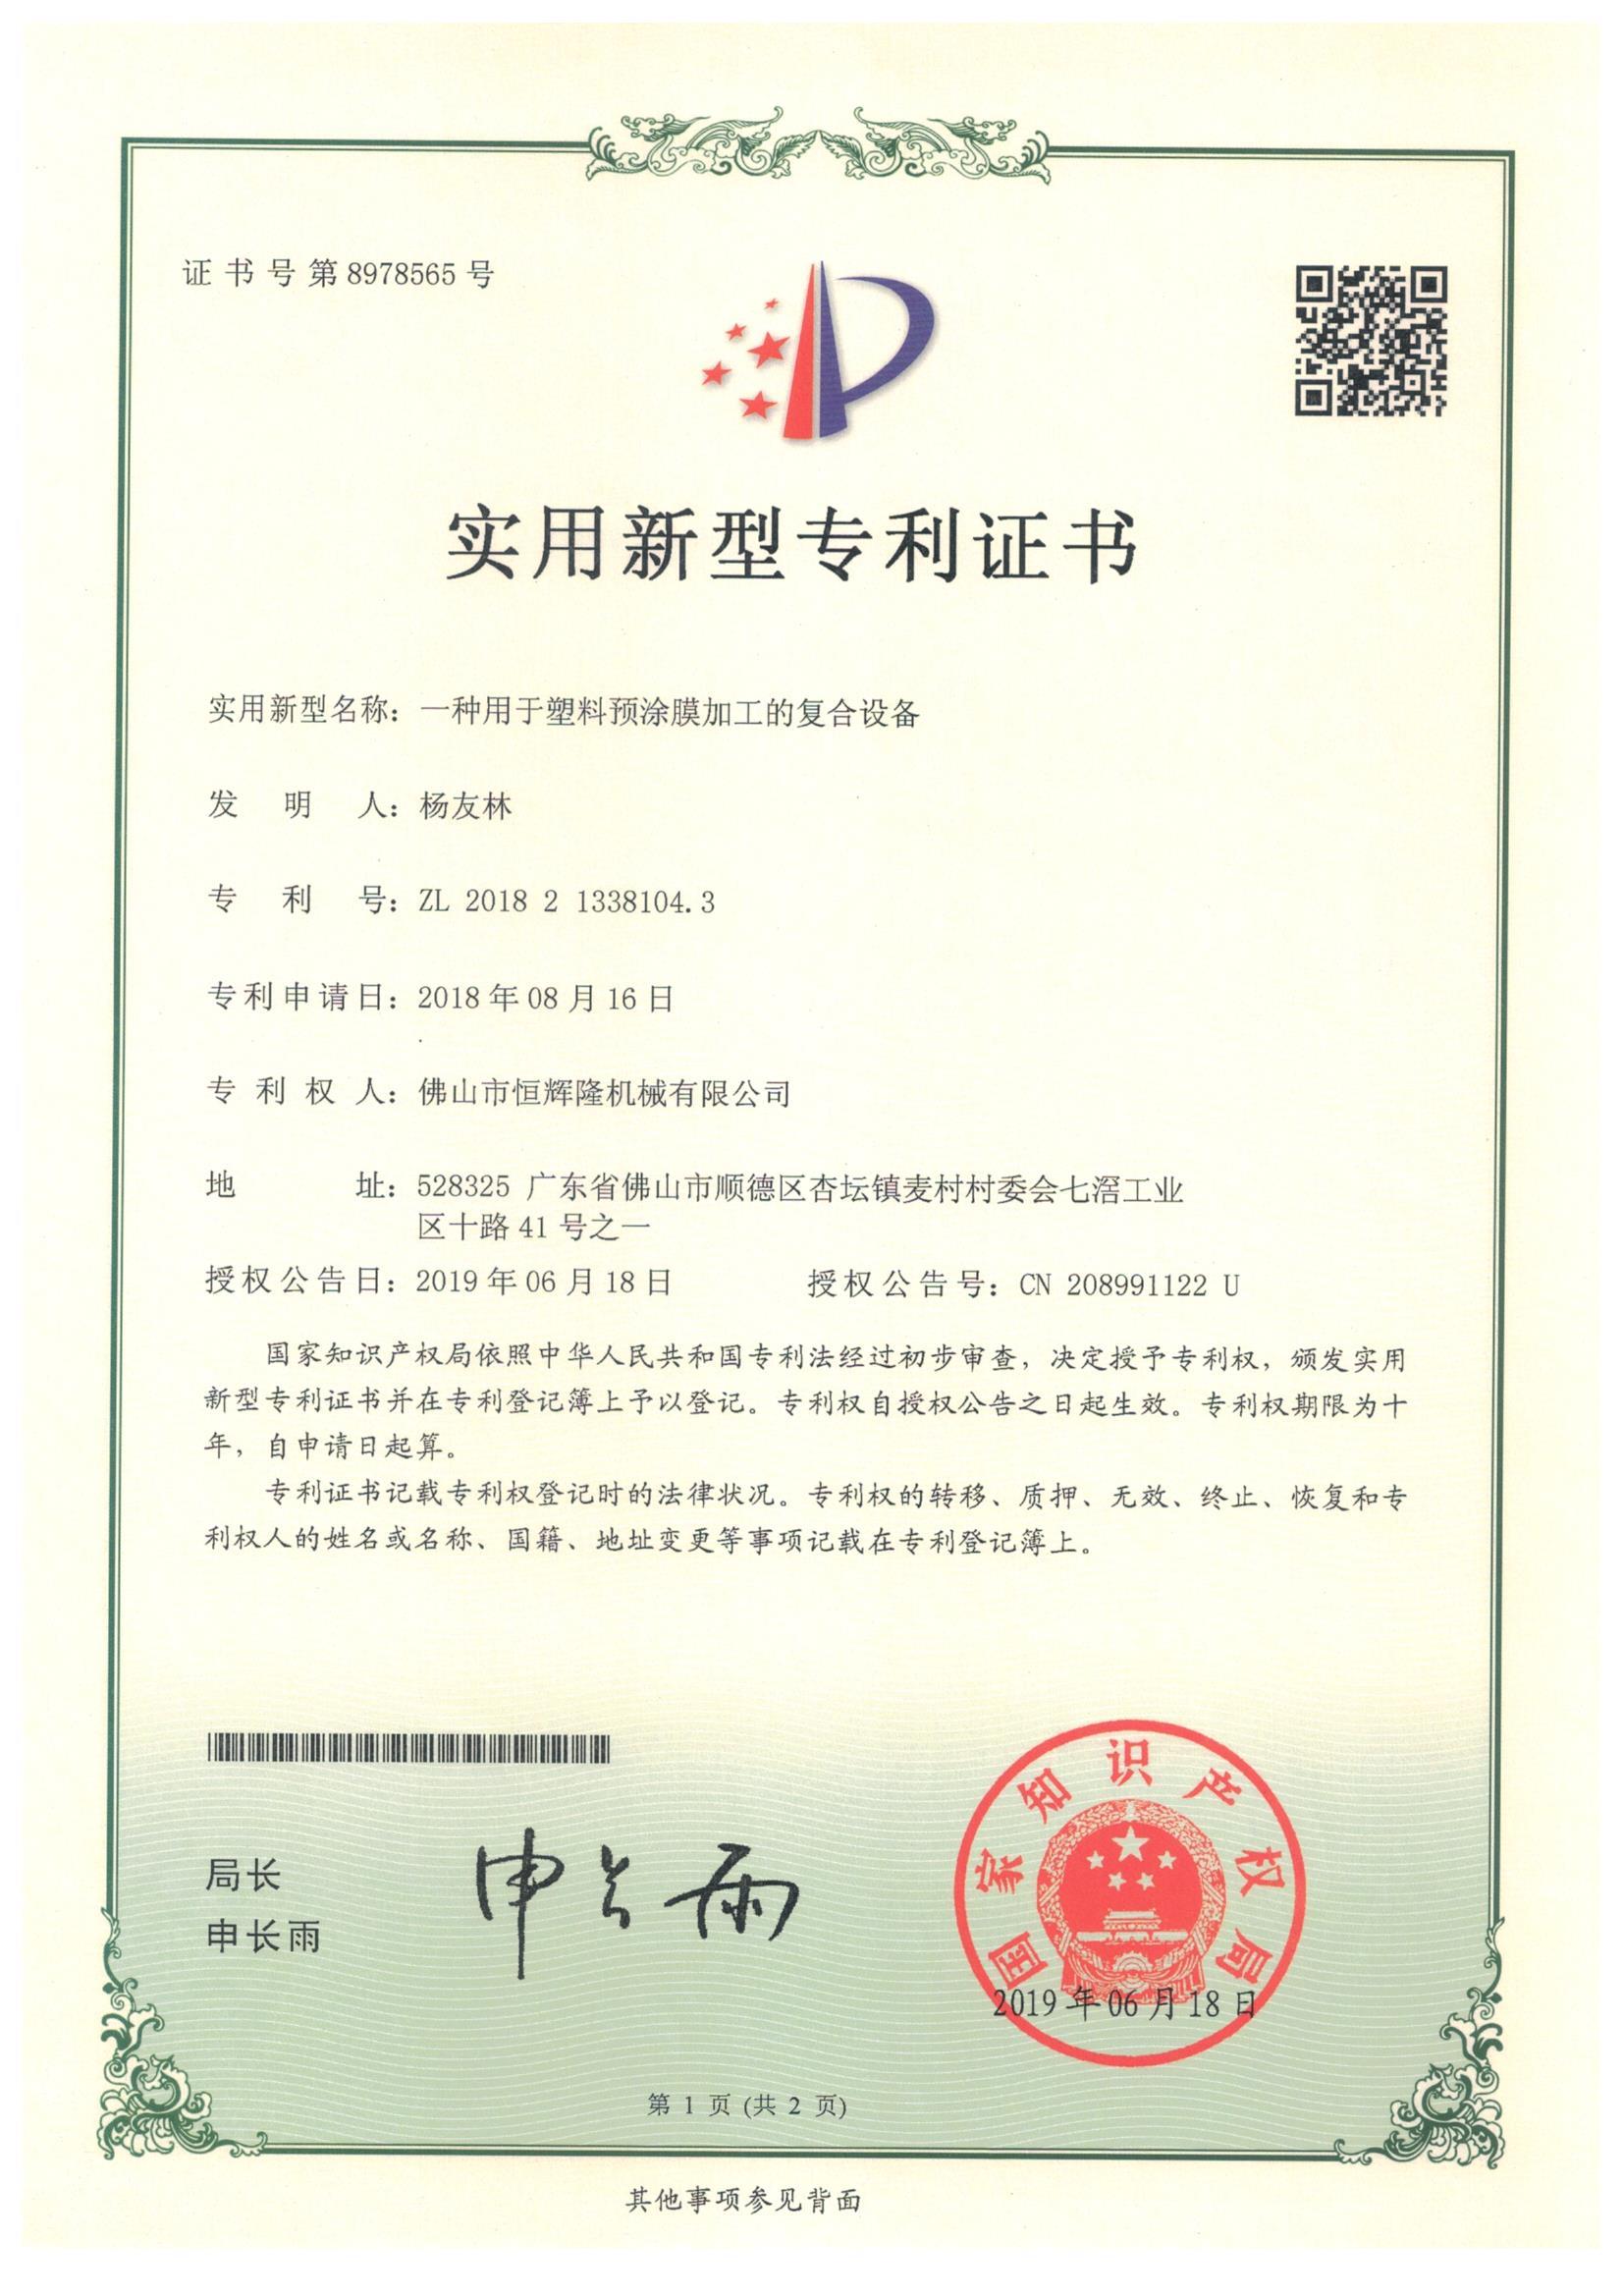 實用型專利 002